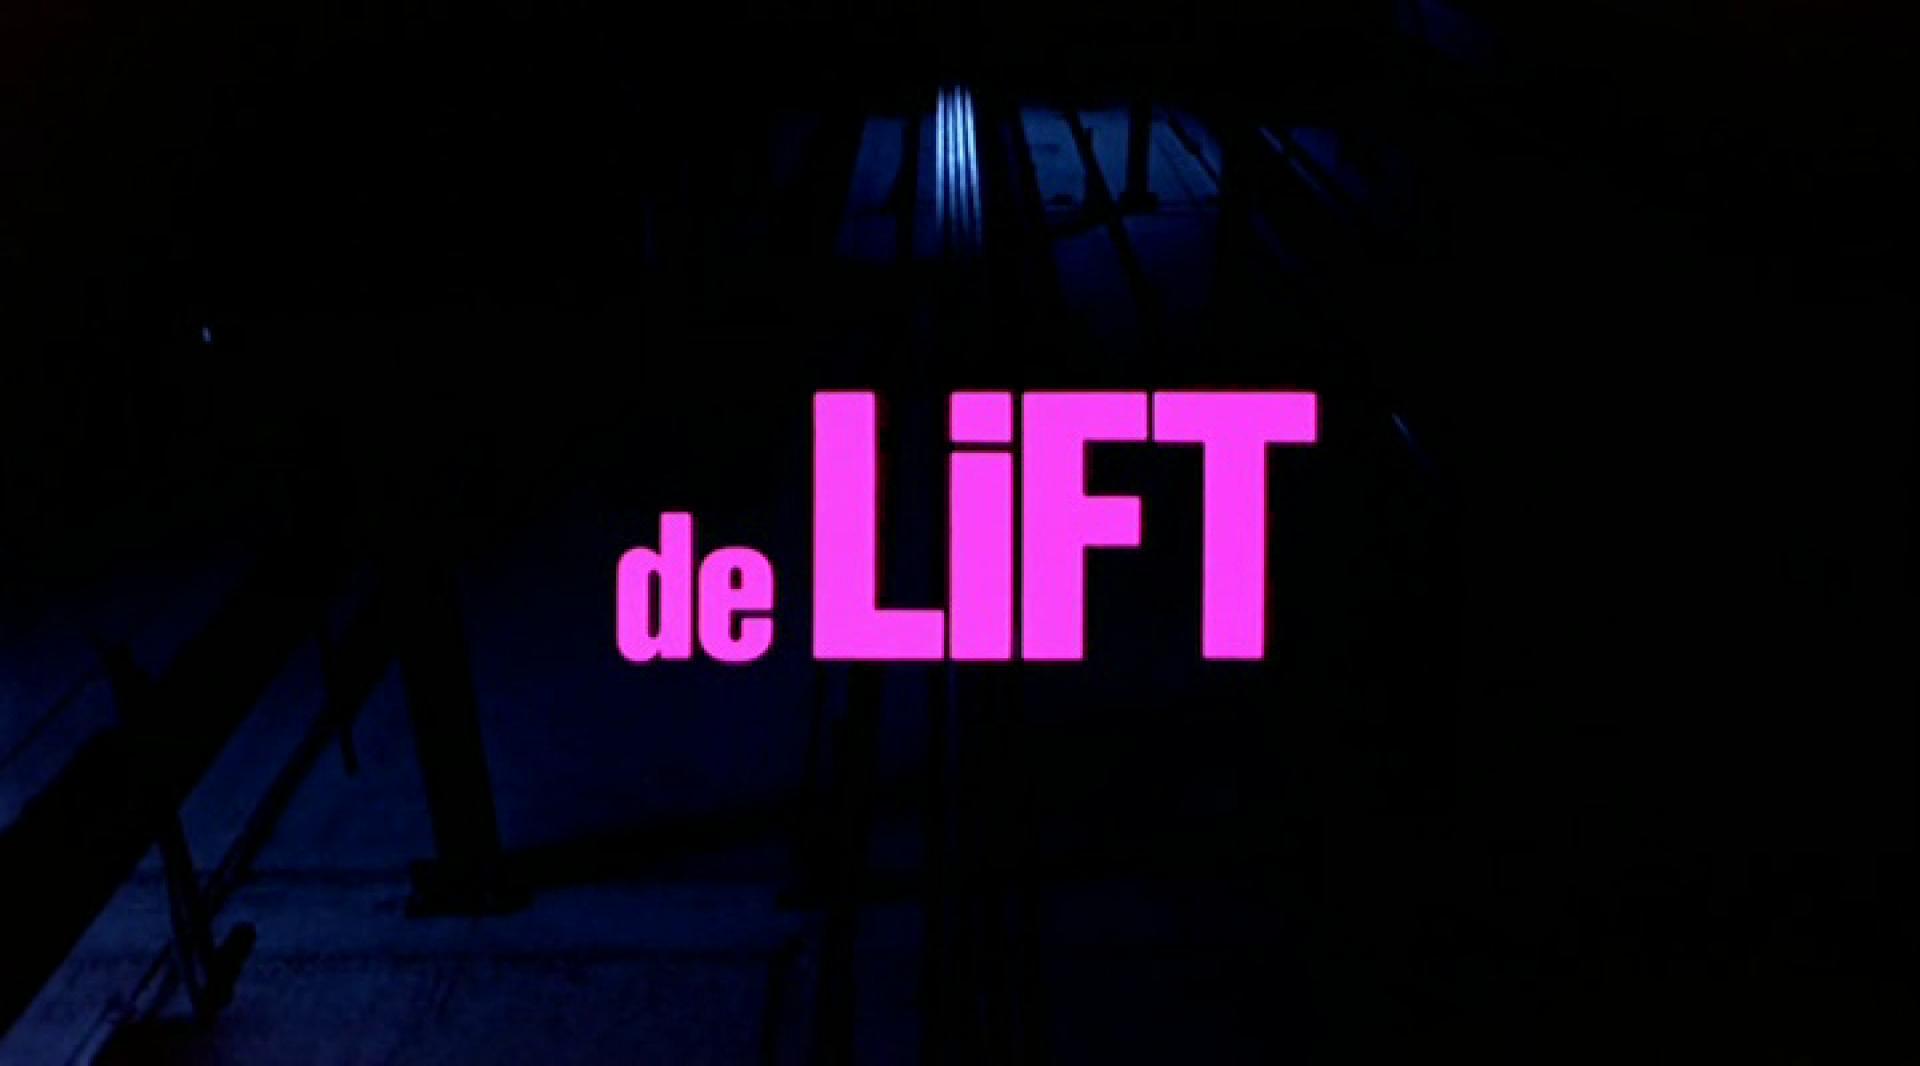 De Lift - A lift (1983)